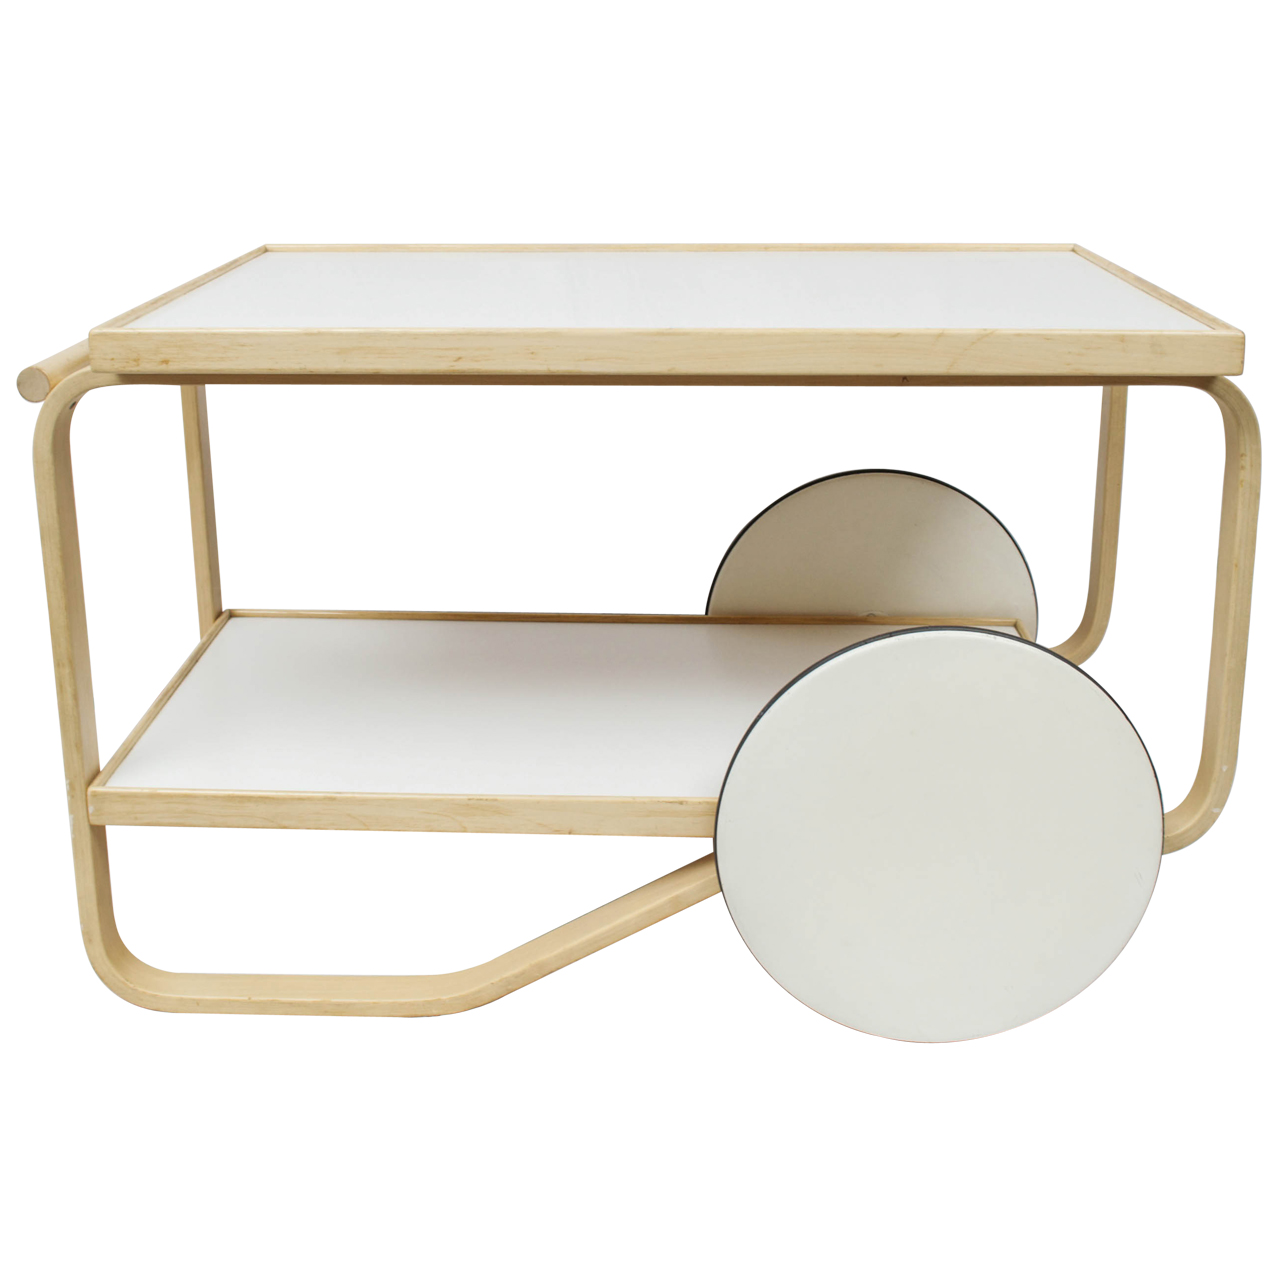 penccil : : : Alvar Aalto furniture